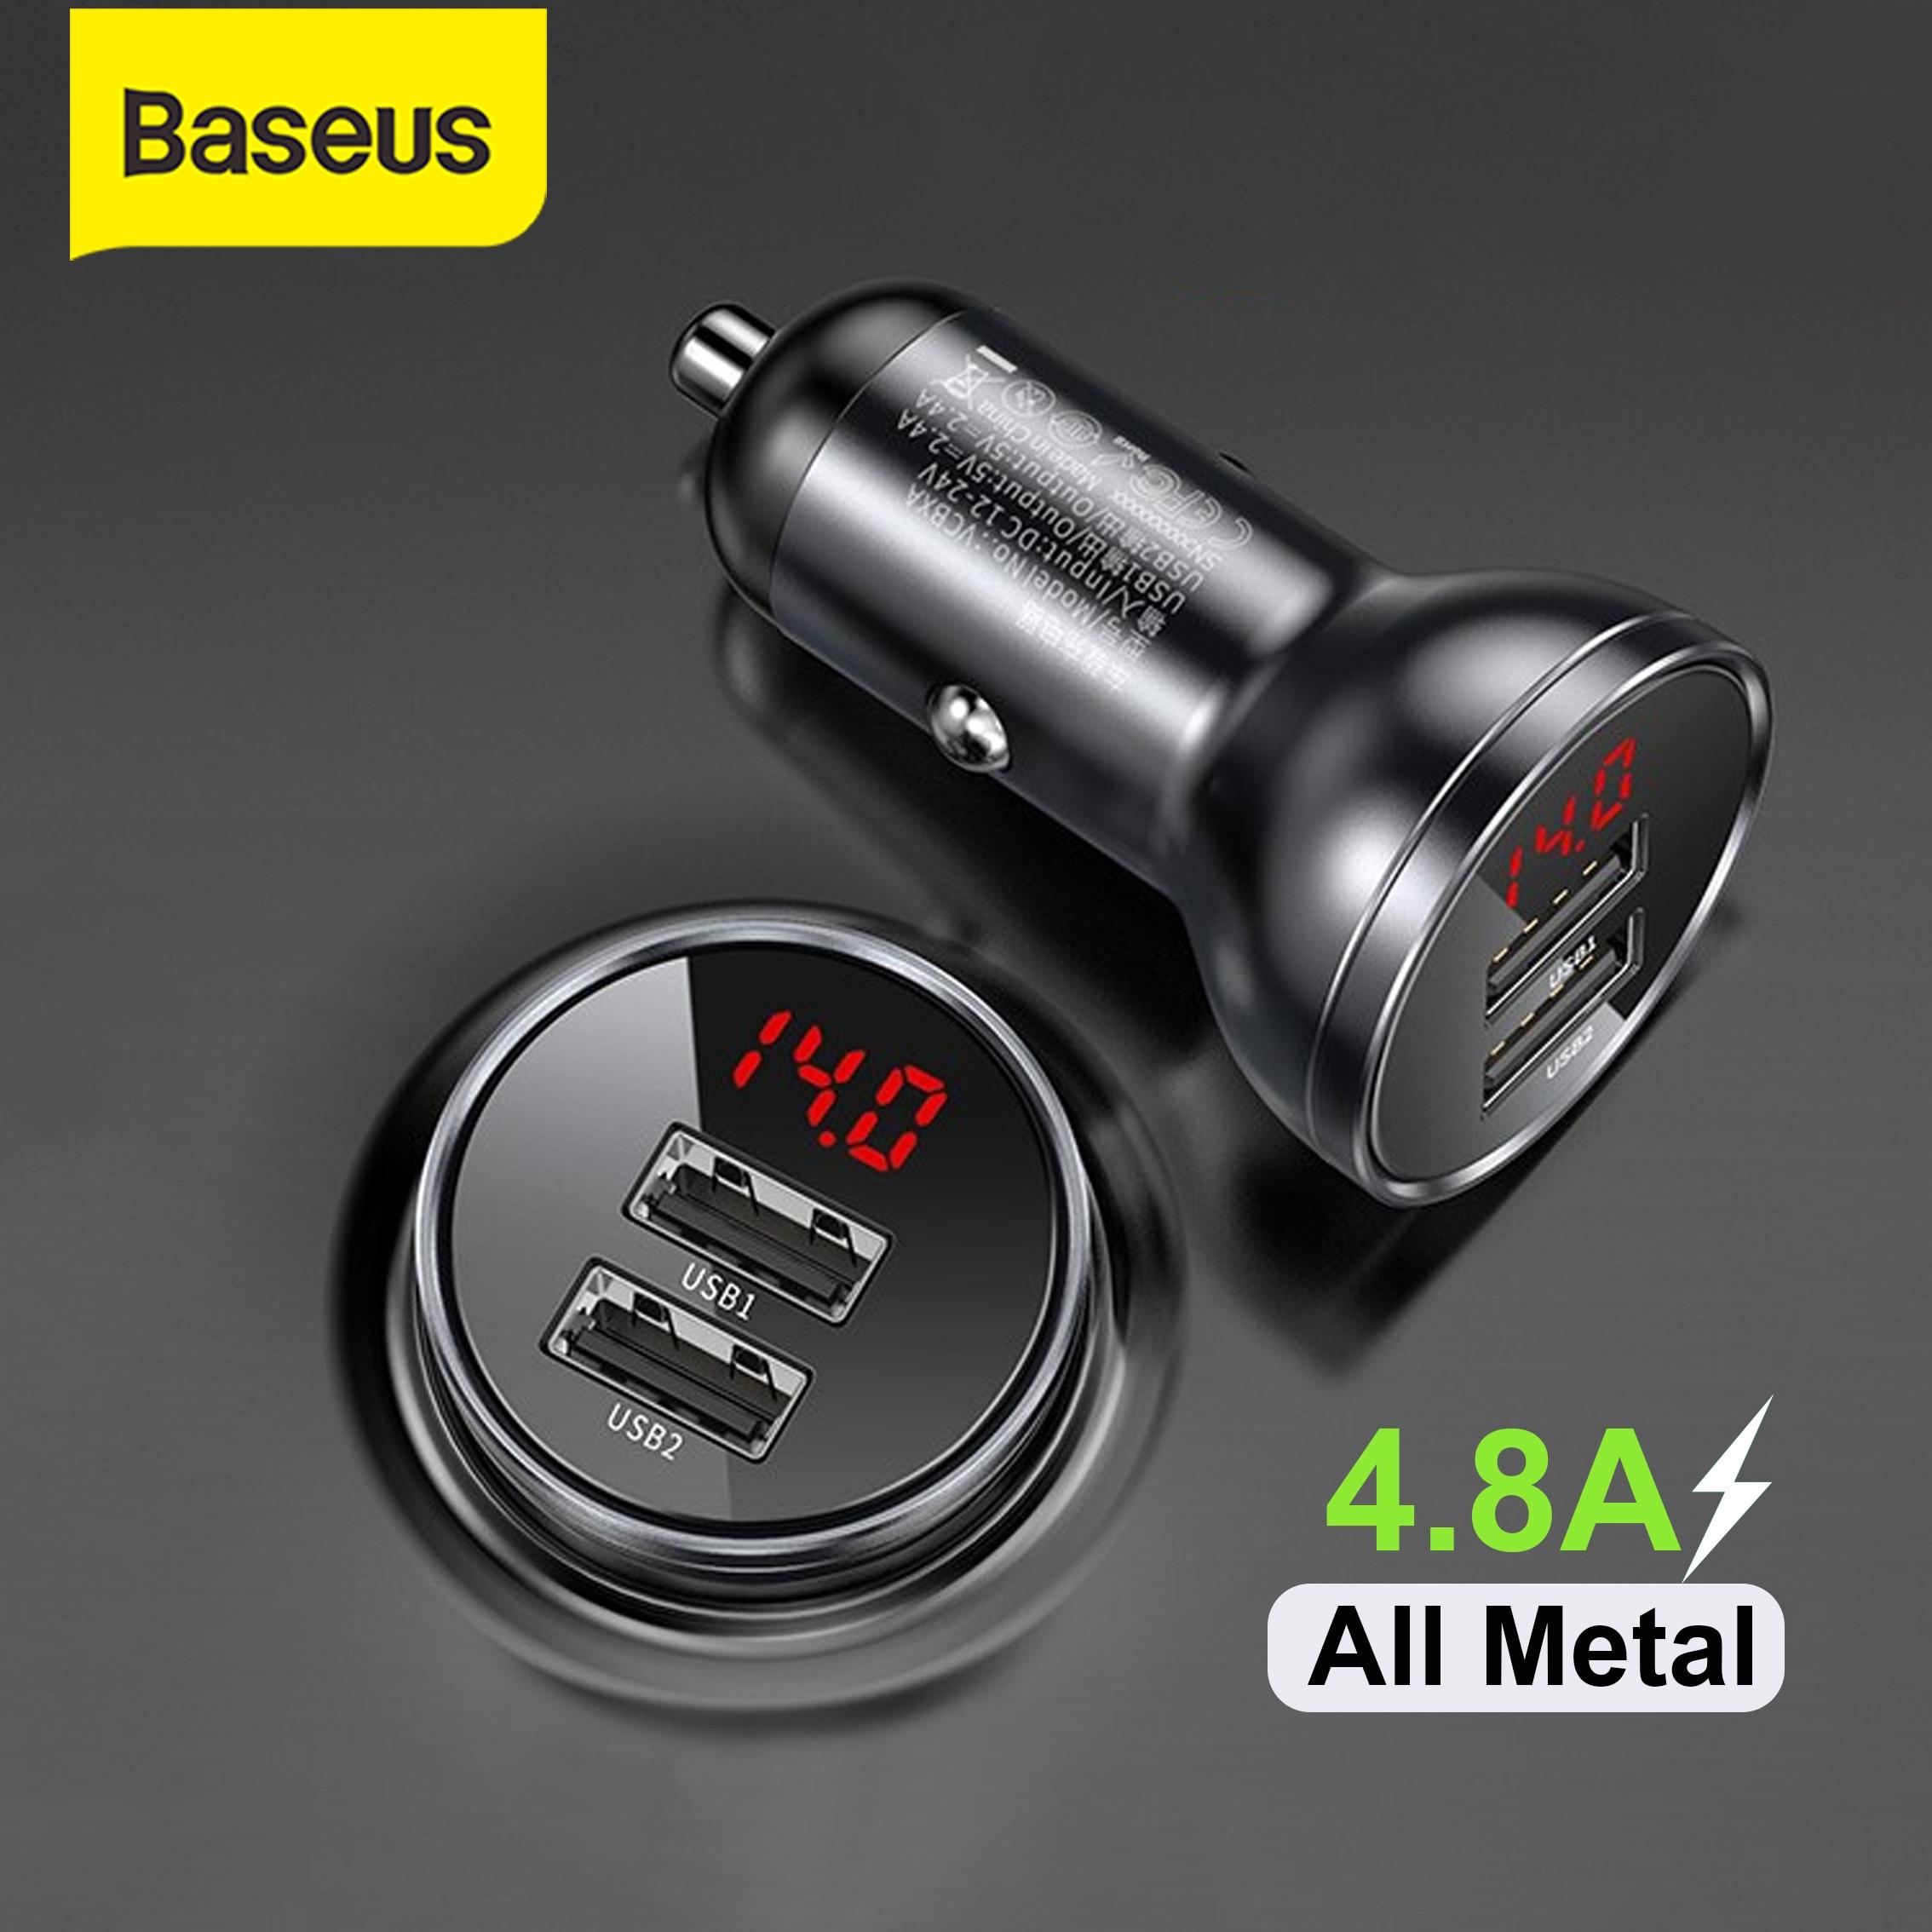 Автомобильное металлическое зарядное устройство Baseus, 5 В, 4,8 А, двойное быстрое зарядное устройство с USB, светодиодный дисплей, универсальный мобильный телефон, зарядное устройство для iPhone, huawei, Xiaomi|Зарядные устройства|   | АлиЭкспресс